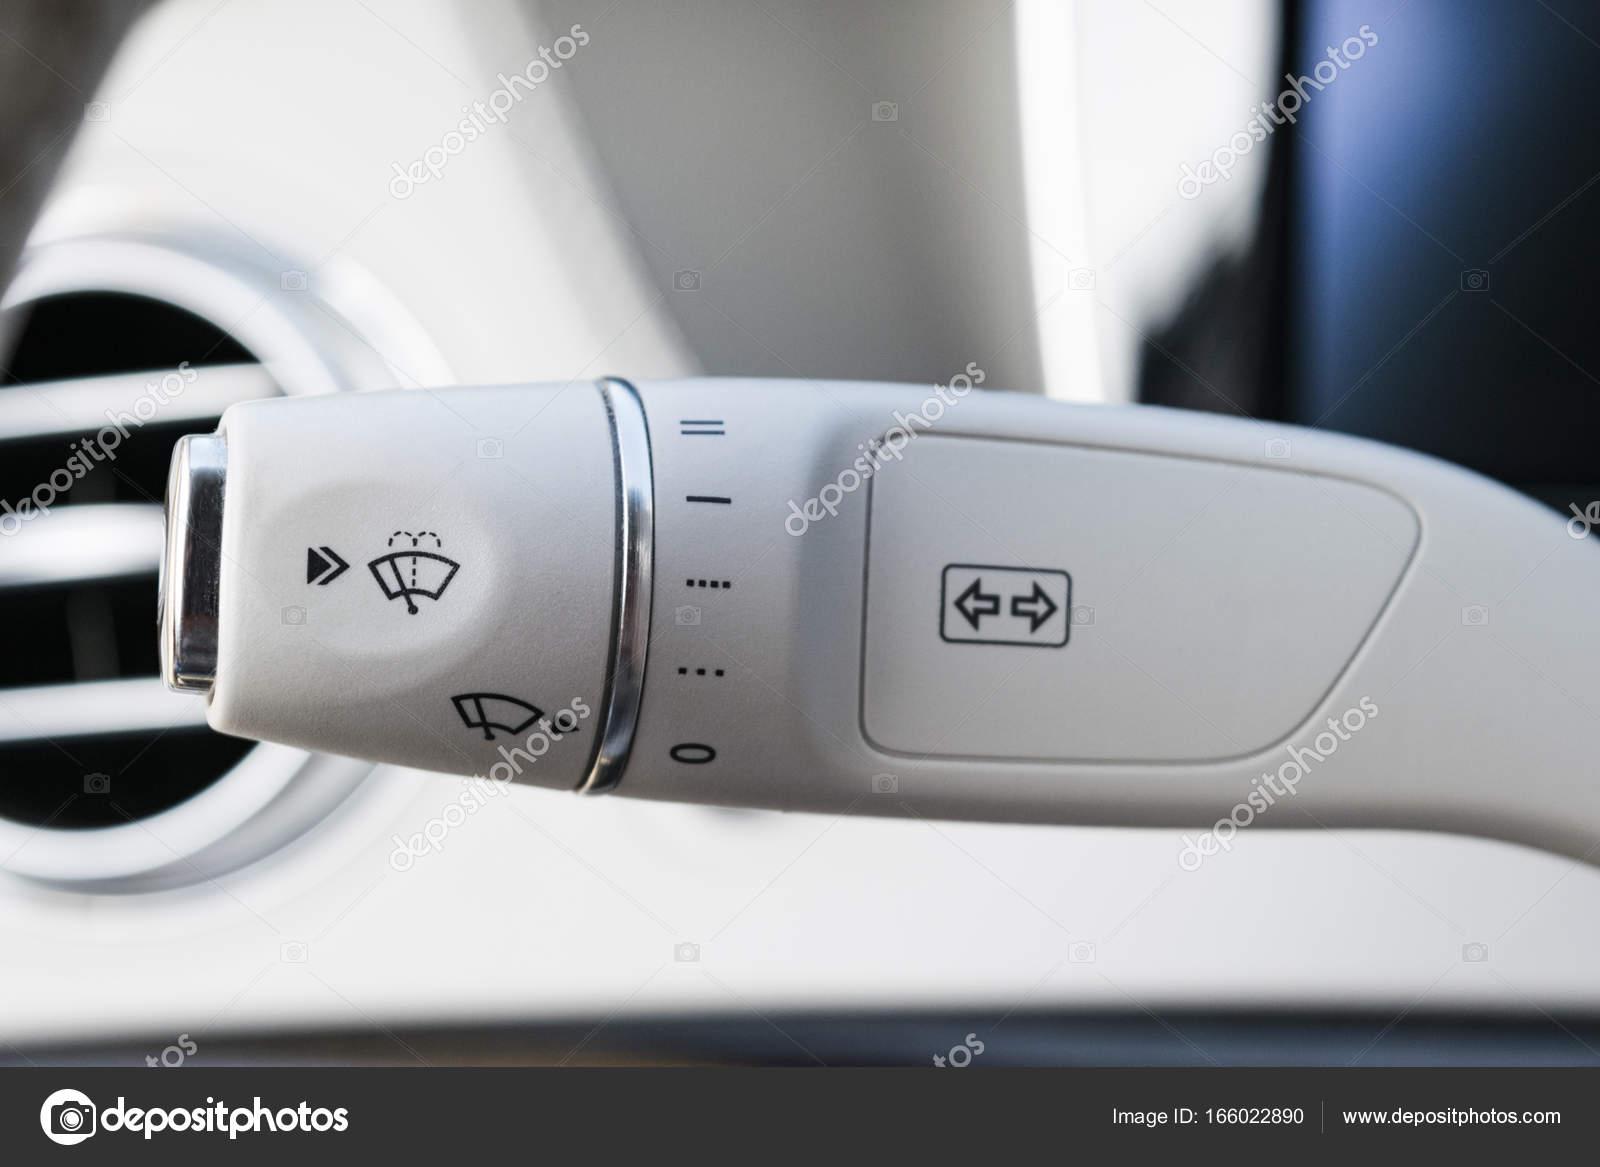 witte lederen moderne auto interieur detail snelheid van de ruitenwissers van het scherm in auto aan te passen de knevel van de schakelaar van de wisser